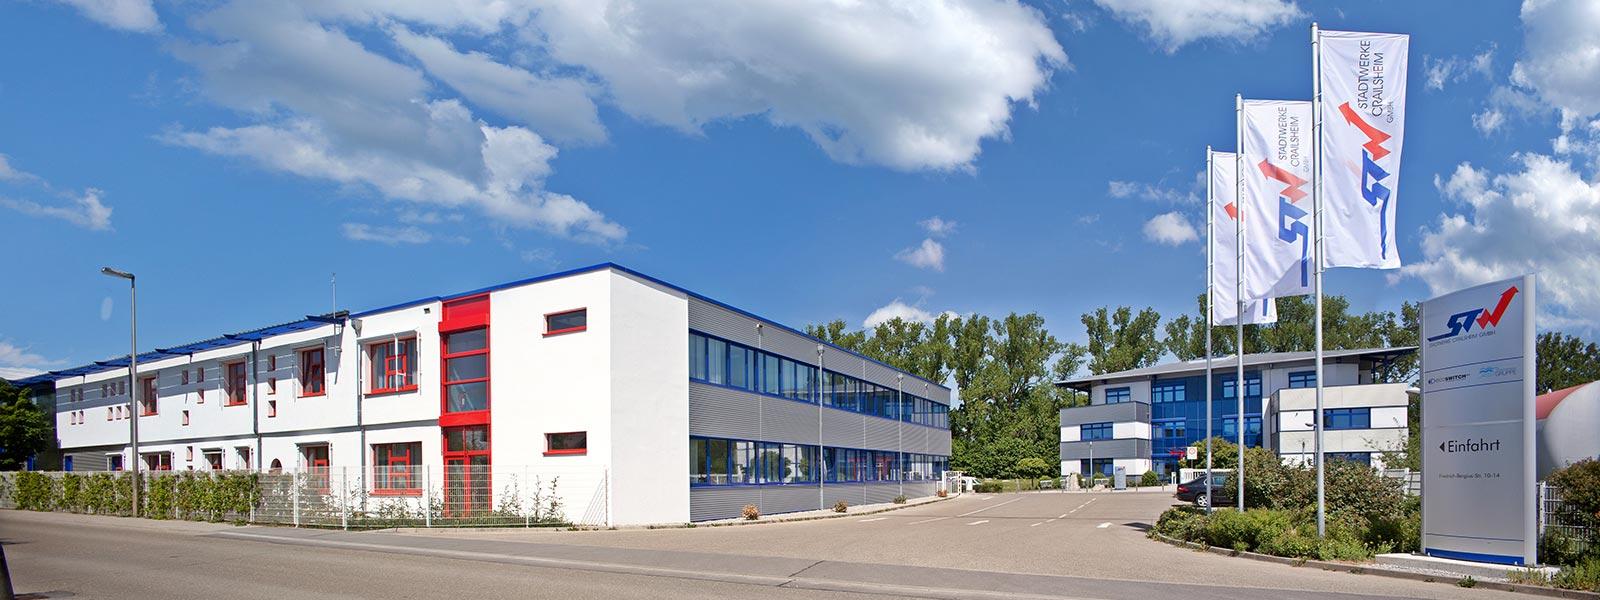 Gebäude der Stadtwerke Crailsheim